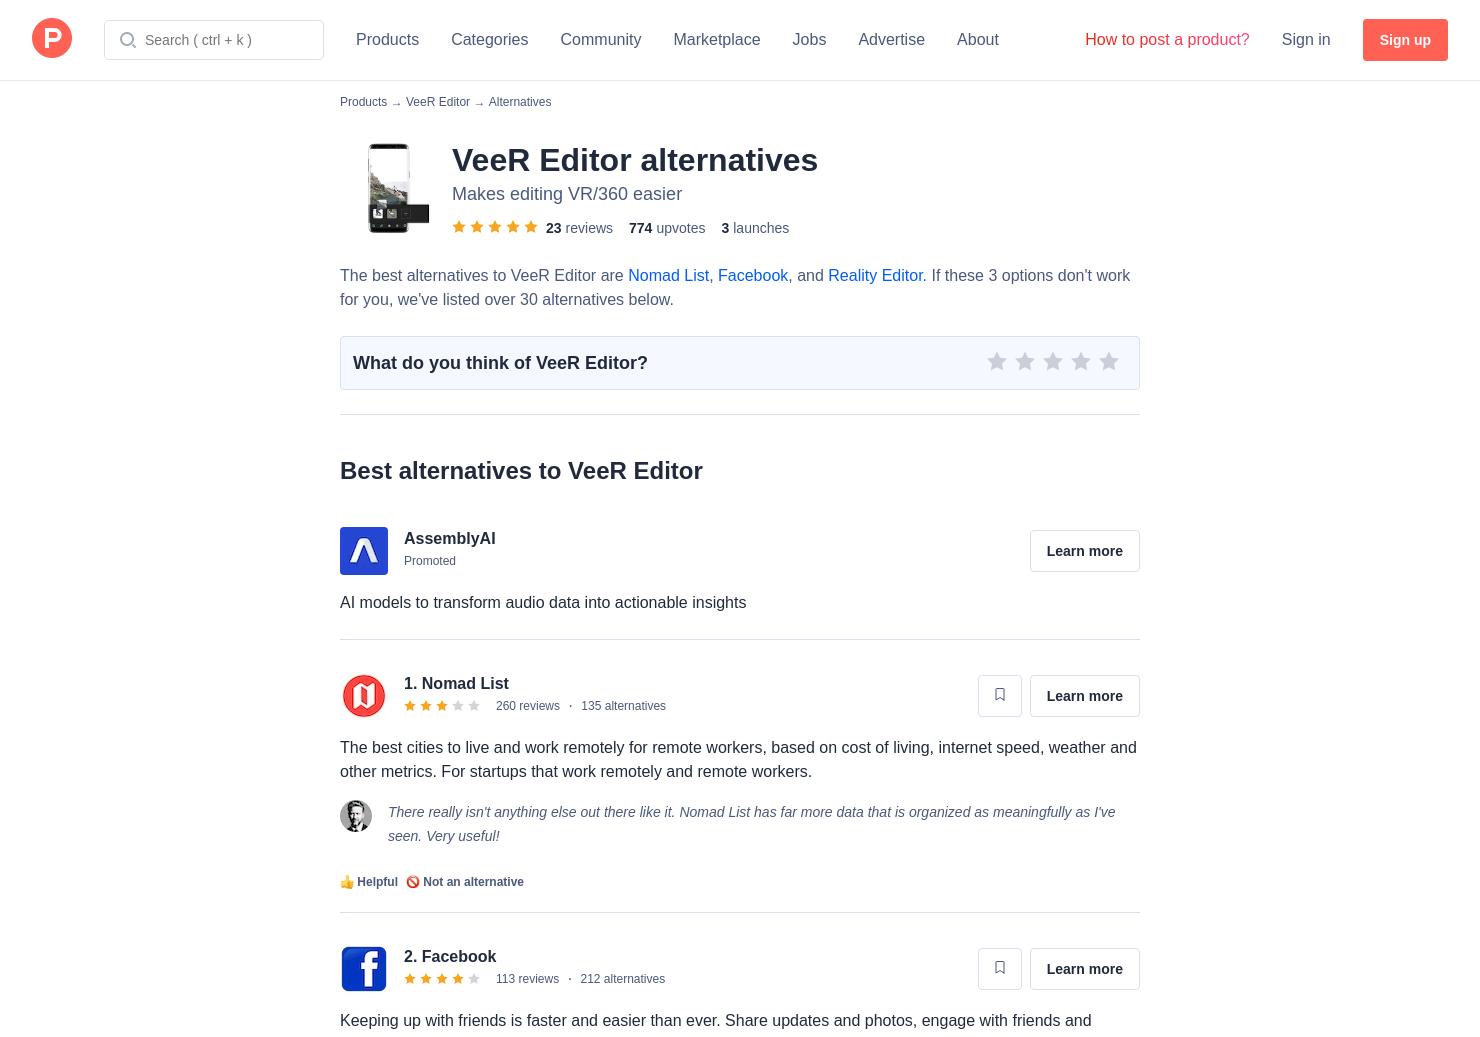 27 Alternatives to VeeR VR | Product Hunt